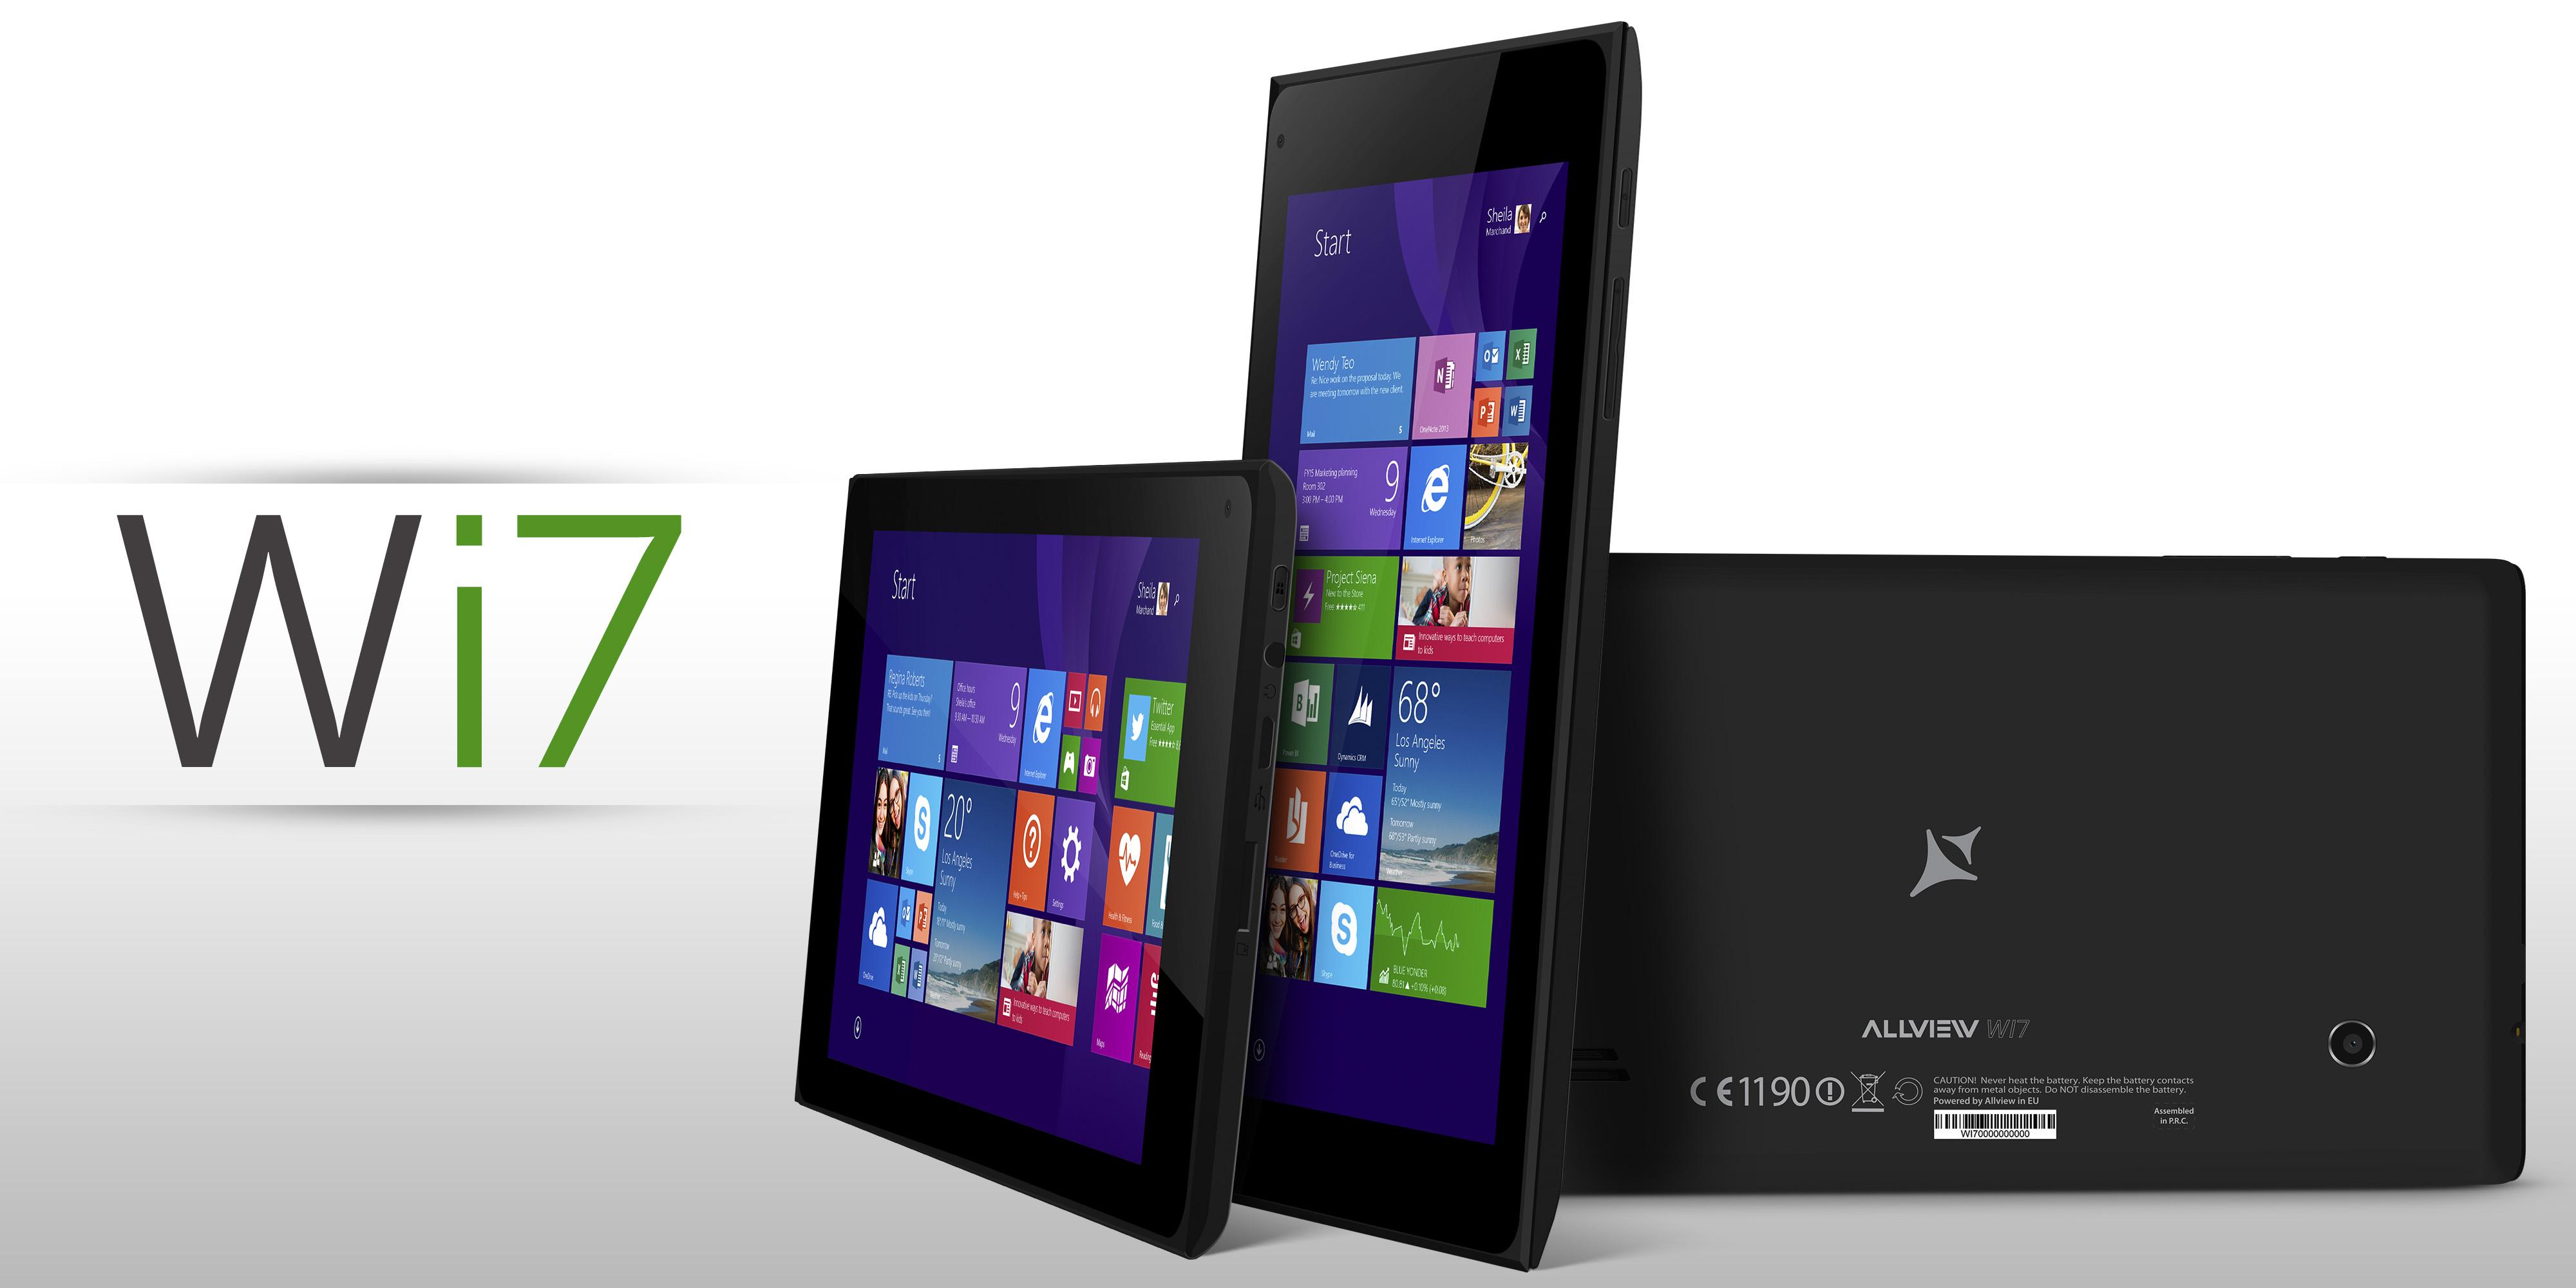 Allview ma tablety z Windowsem